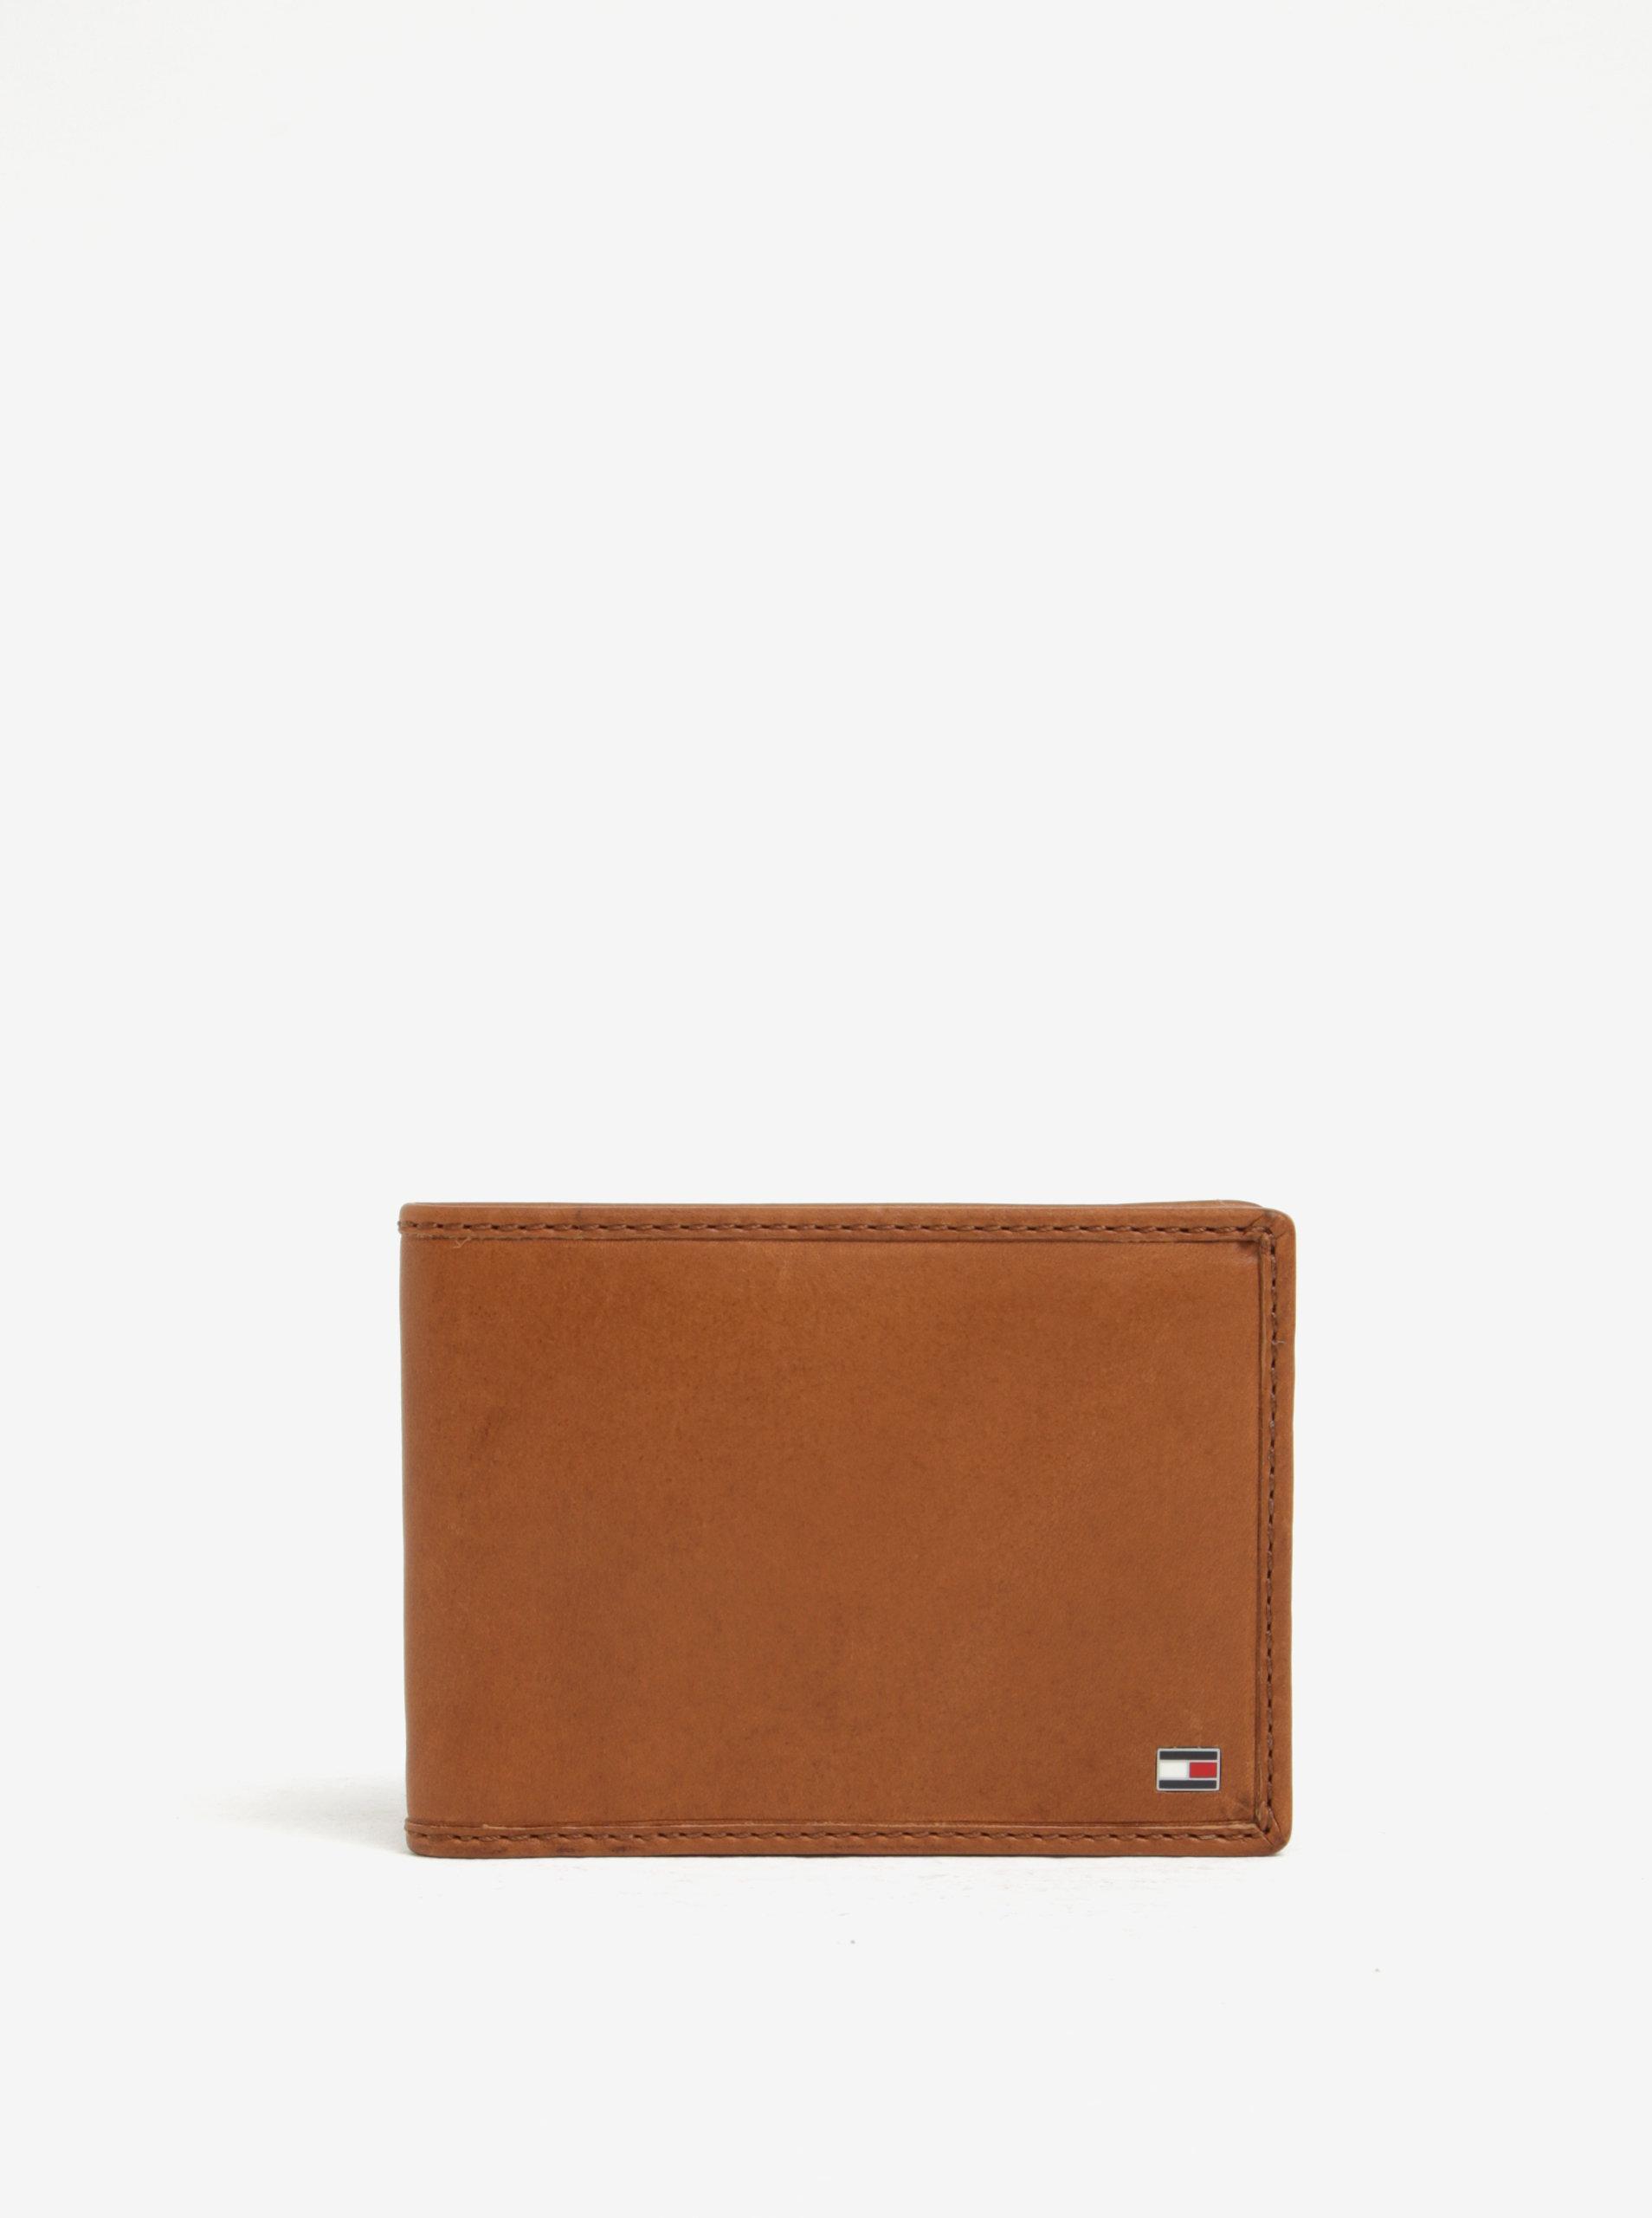 Hnedá pánska kožená peňaženka Tommy Hilfiger ... 50d39f223b9